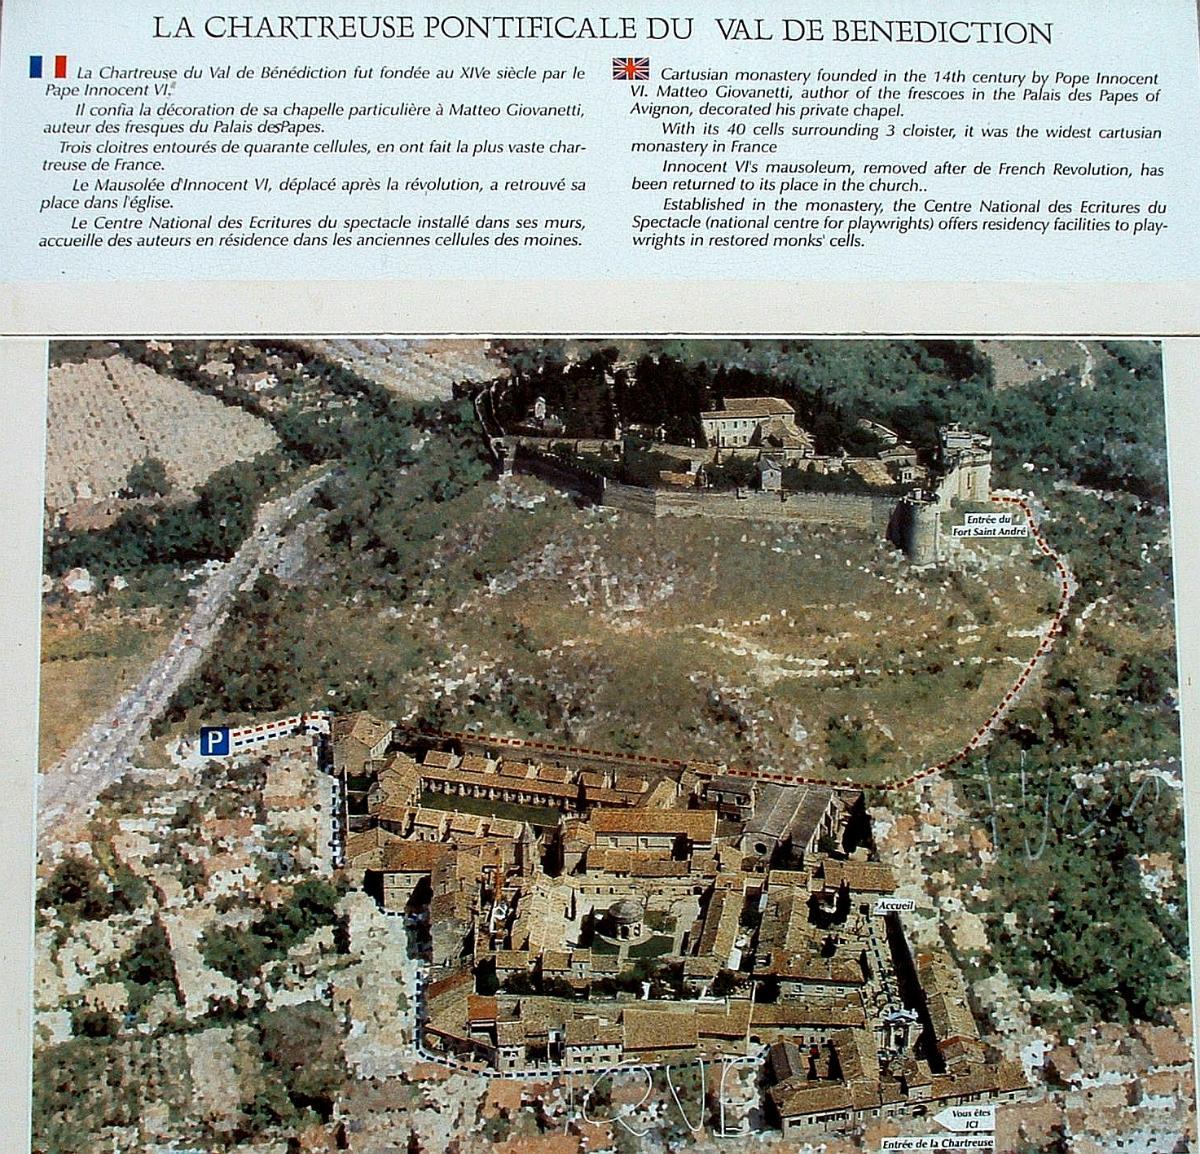 Chartreuse du Val-de-Bénédiction, Villeneuve-lès-Avignon.  Panneau d'information